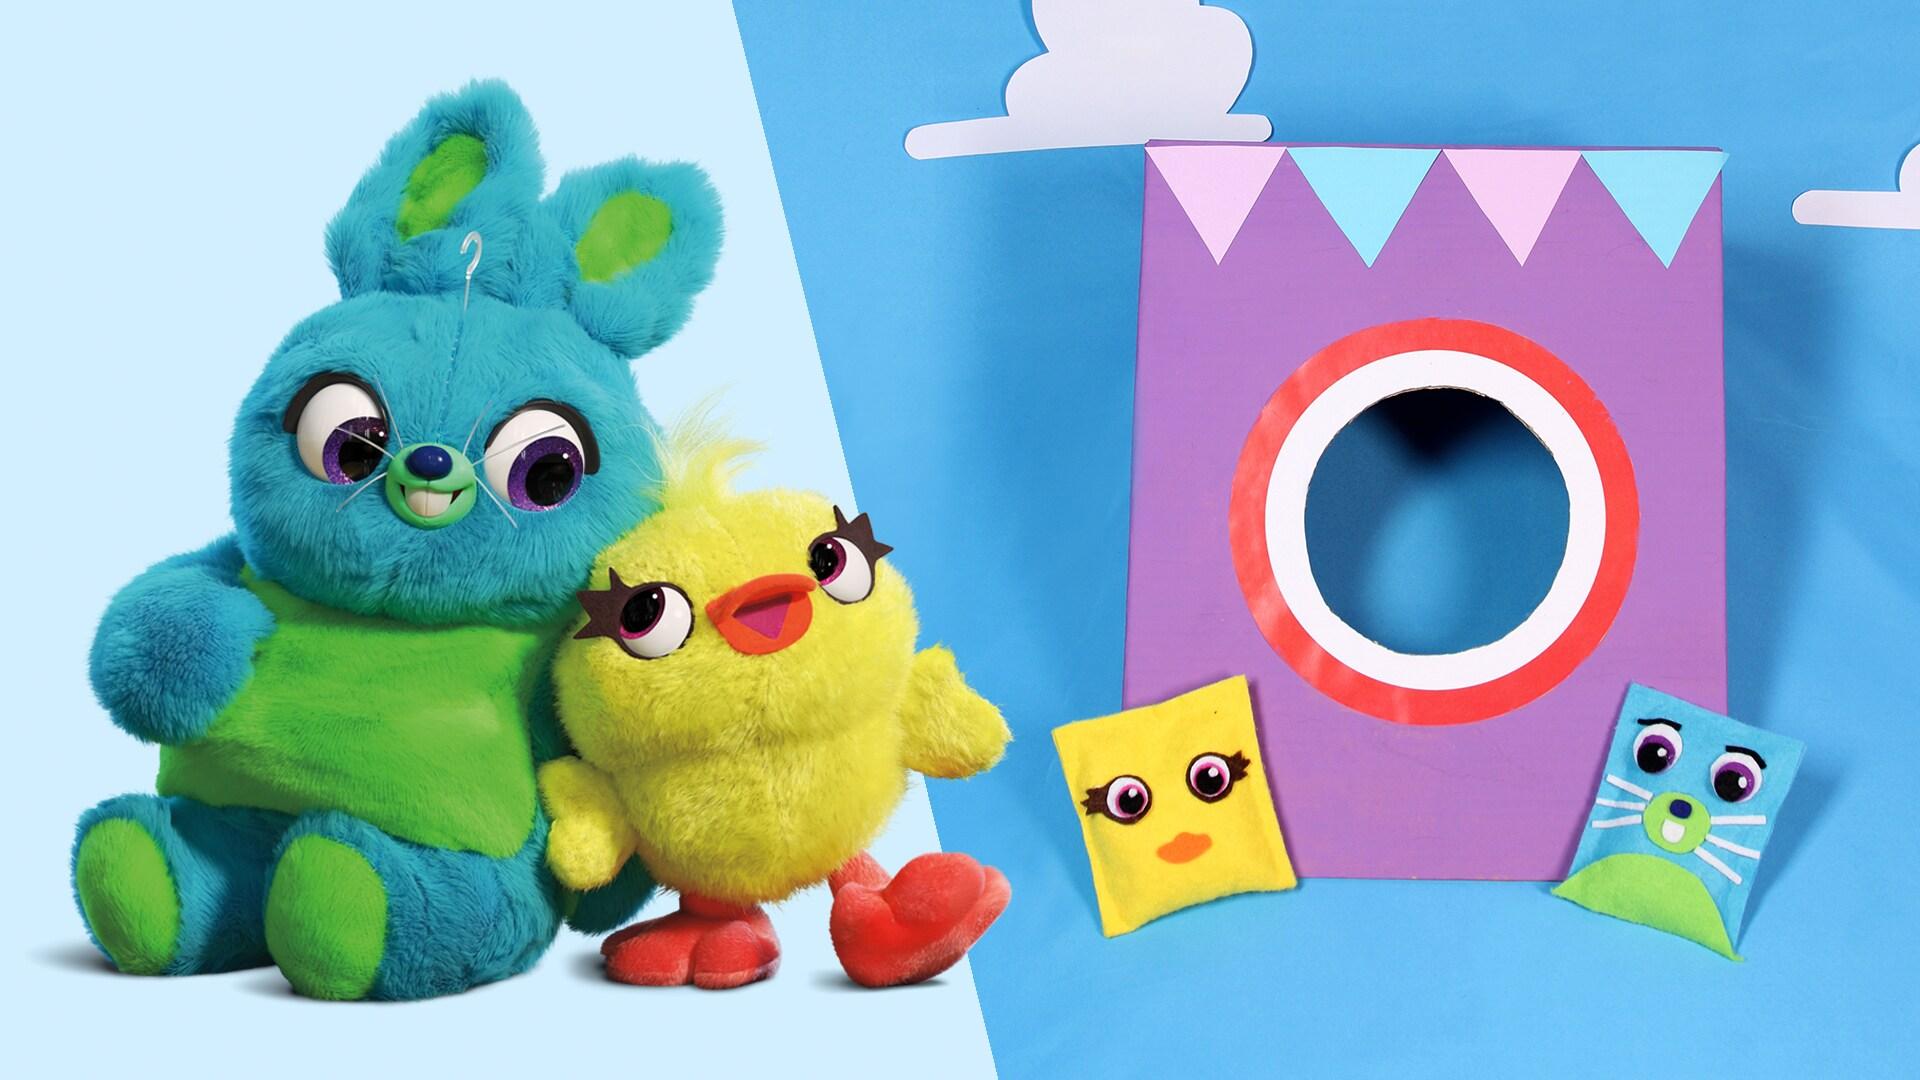 Bersenang-Senanglah Dengan Permainan Lempar Bantal Diy Toy Story 4 Yang Bisa Kamu Mainkan Dengan Keluargamu